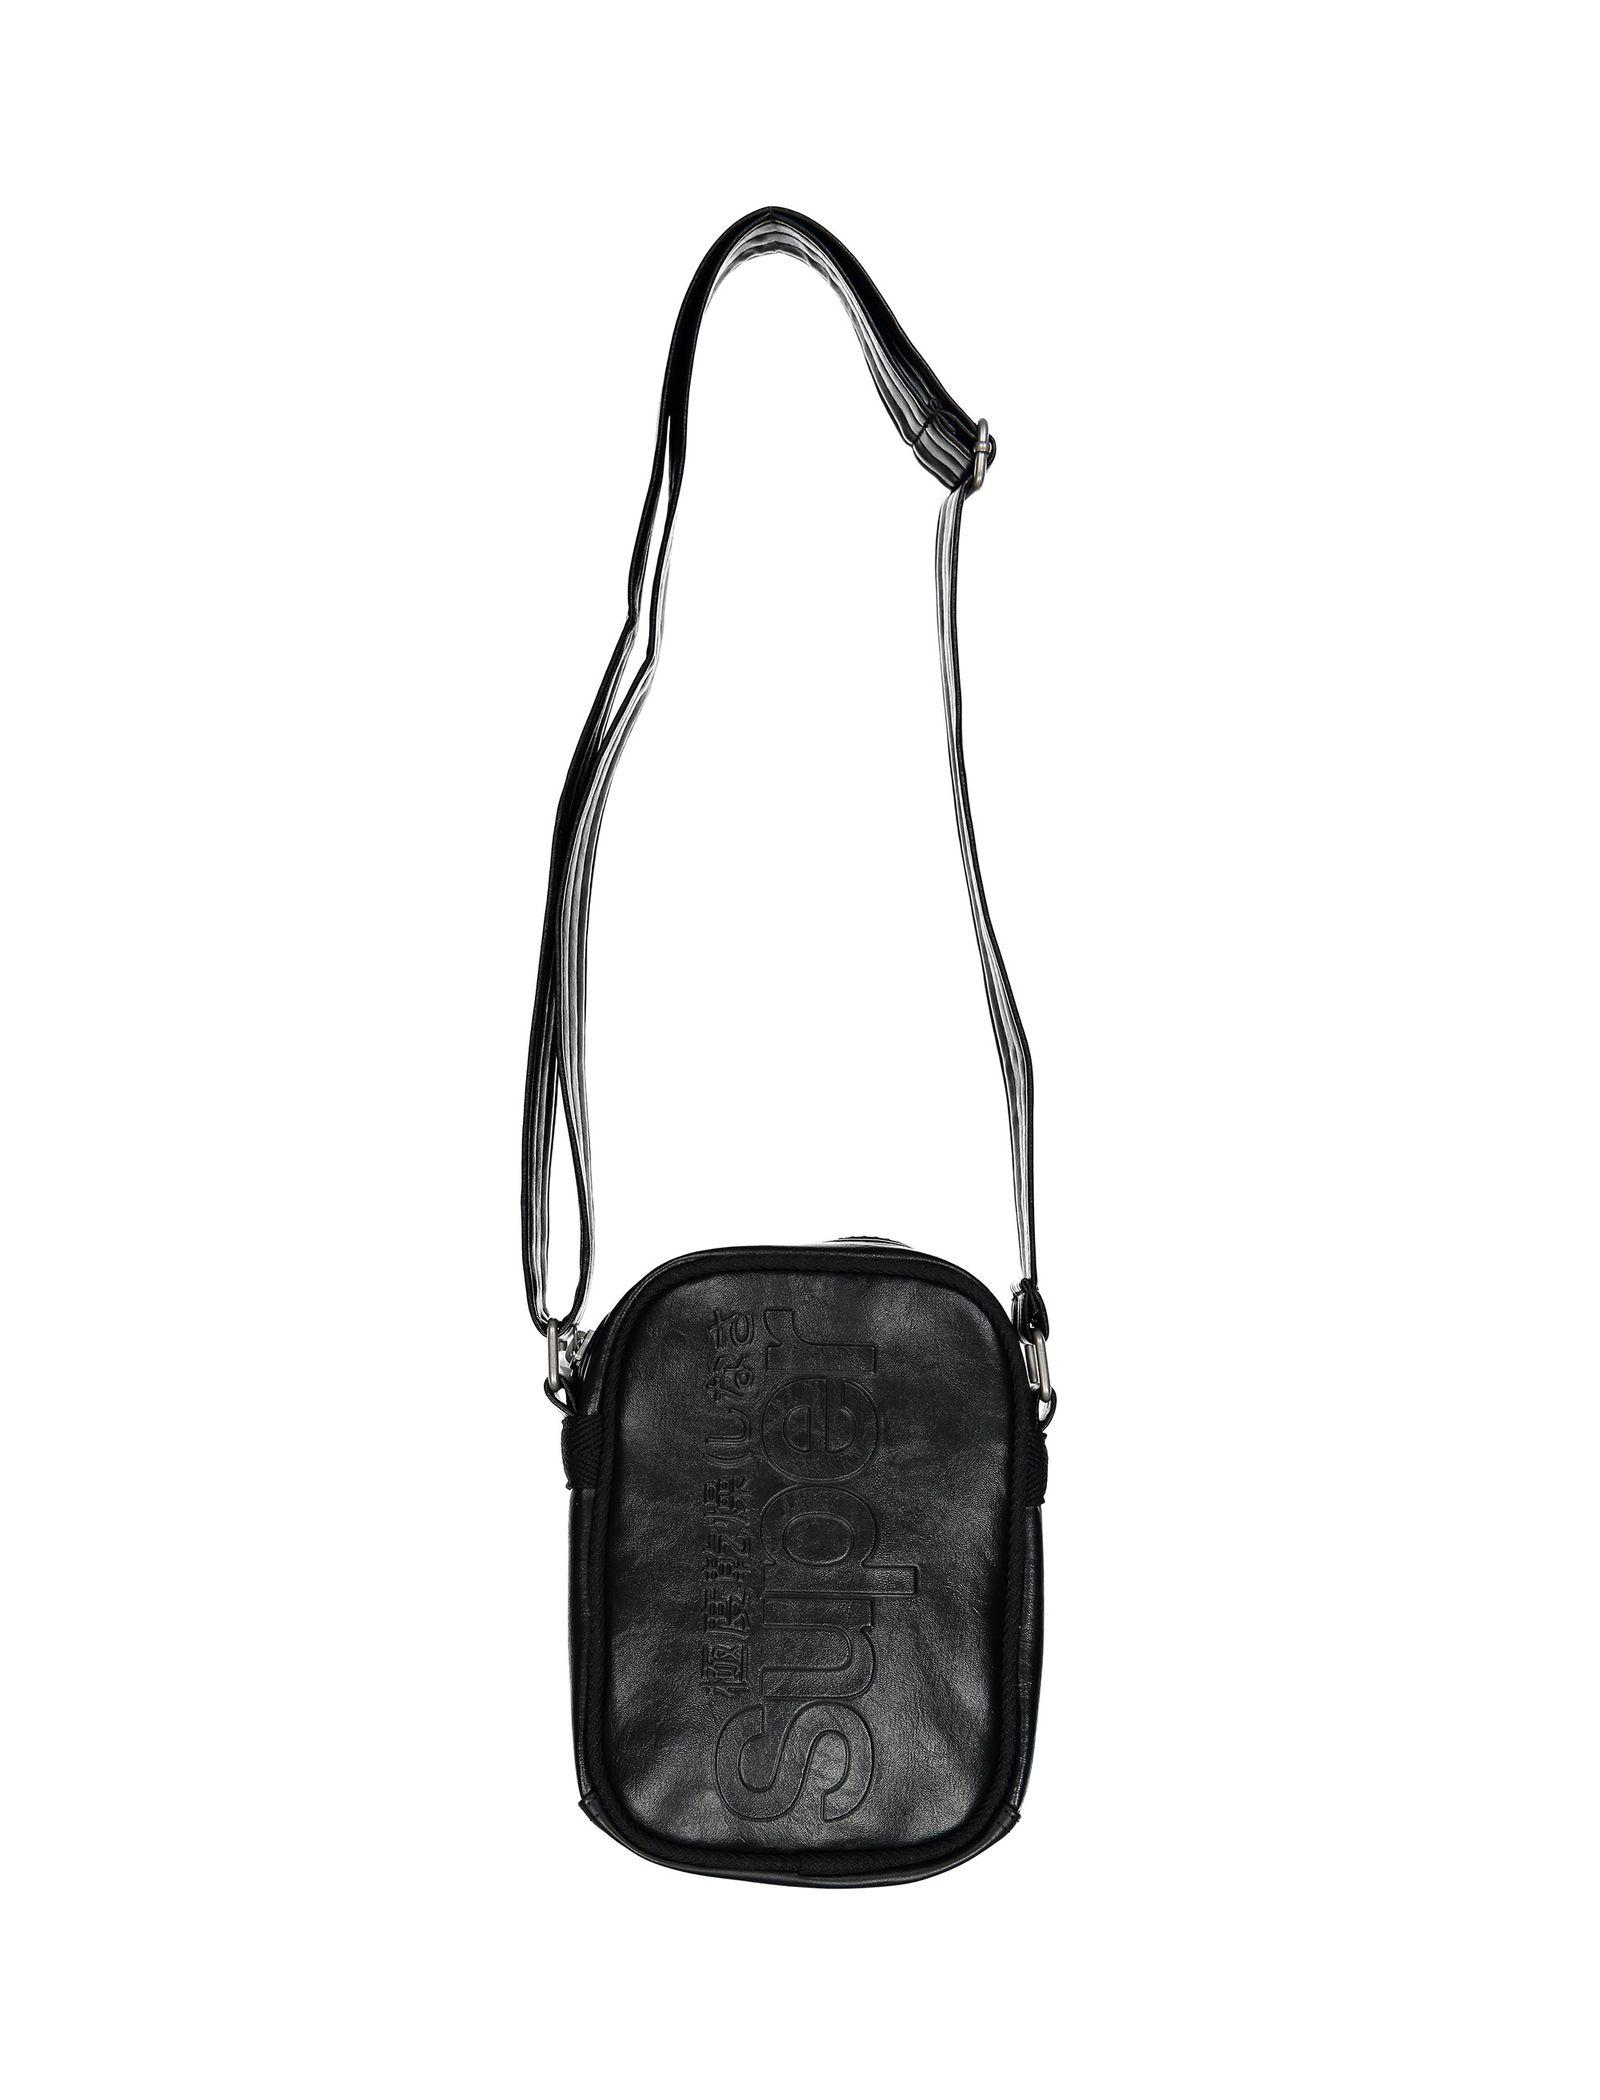 کیف دوشی روزمره بزرگسال - سوپردرای - Black - 4